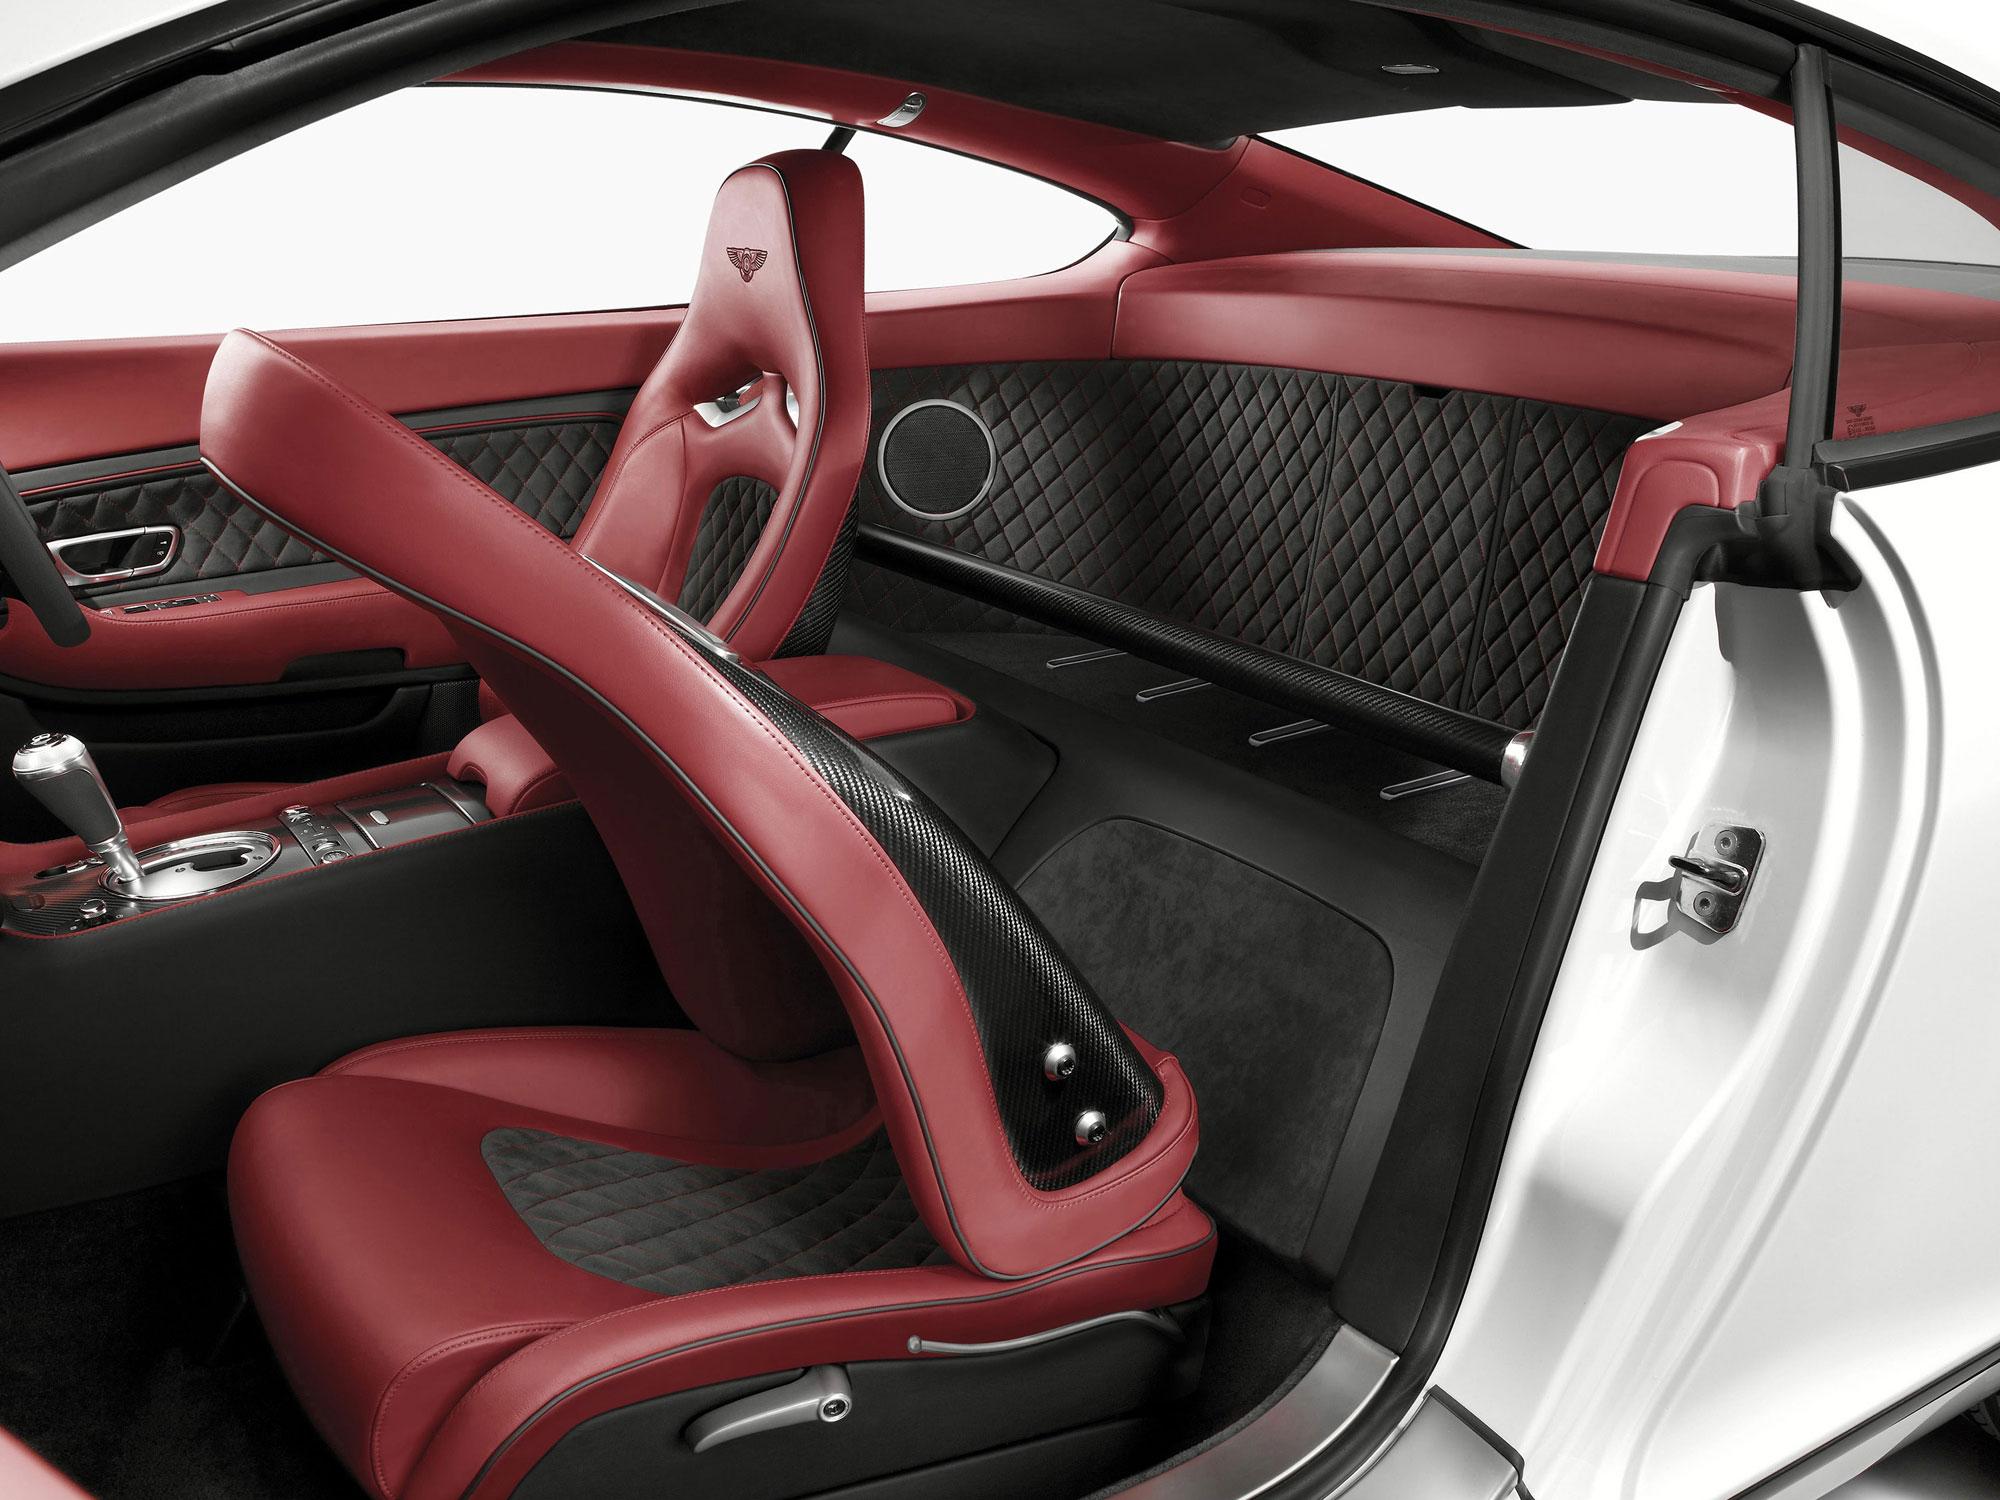 Bentley-Continental-GT-09.jpg